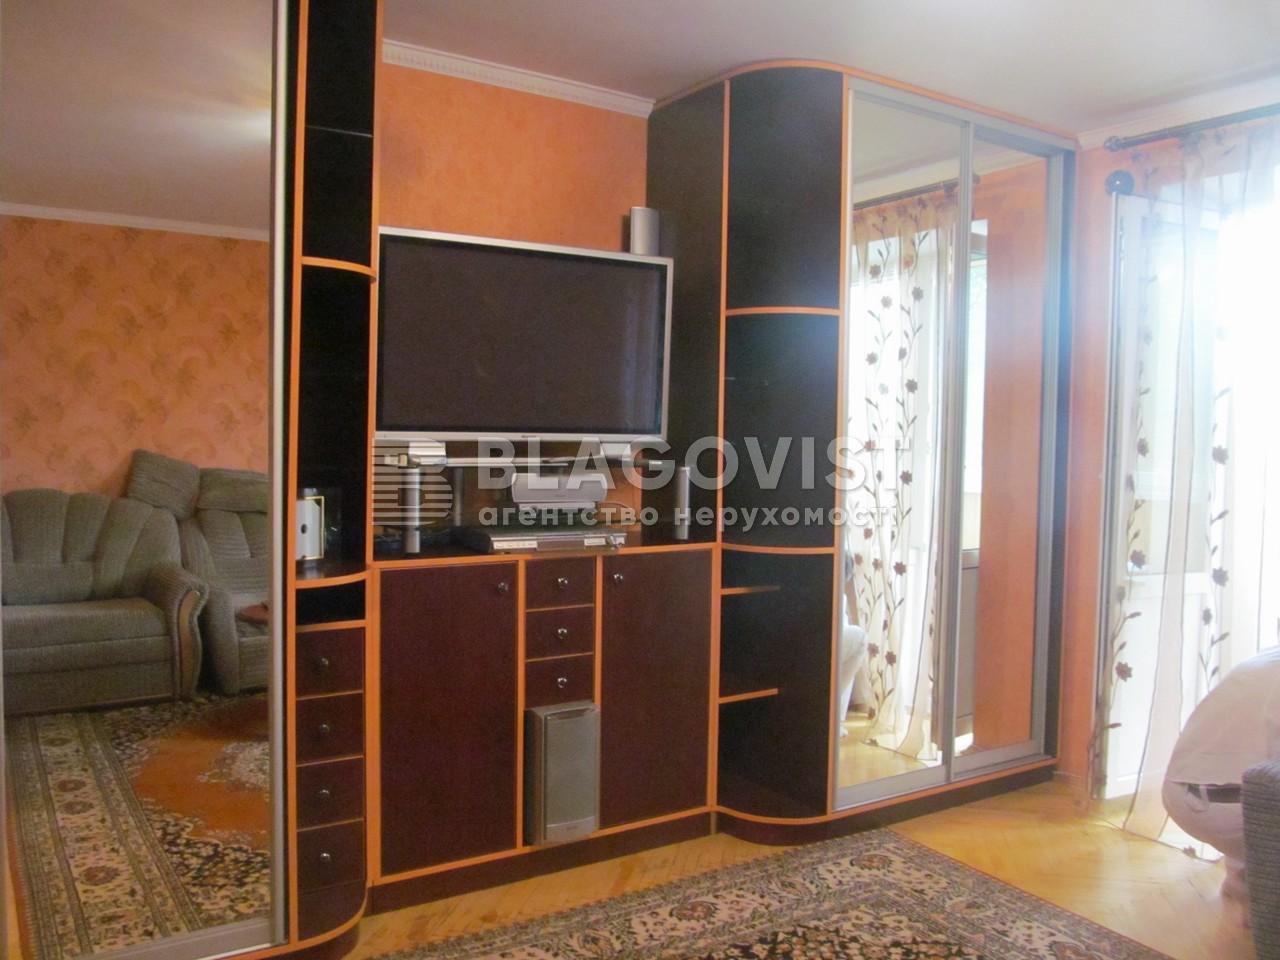 Квартира C-99878, Татарская, 3/2, Киев - Фото 7